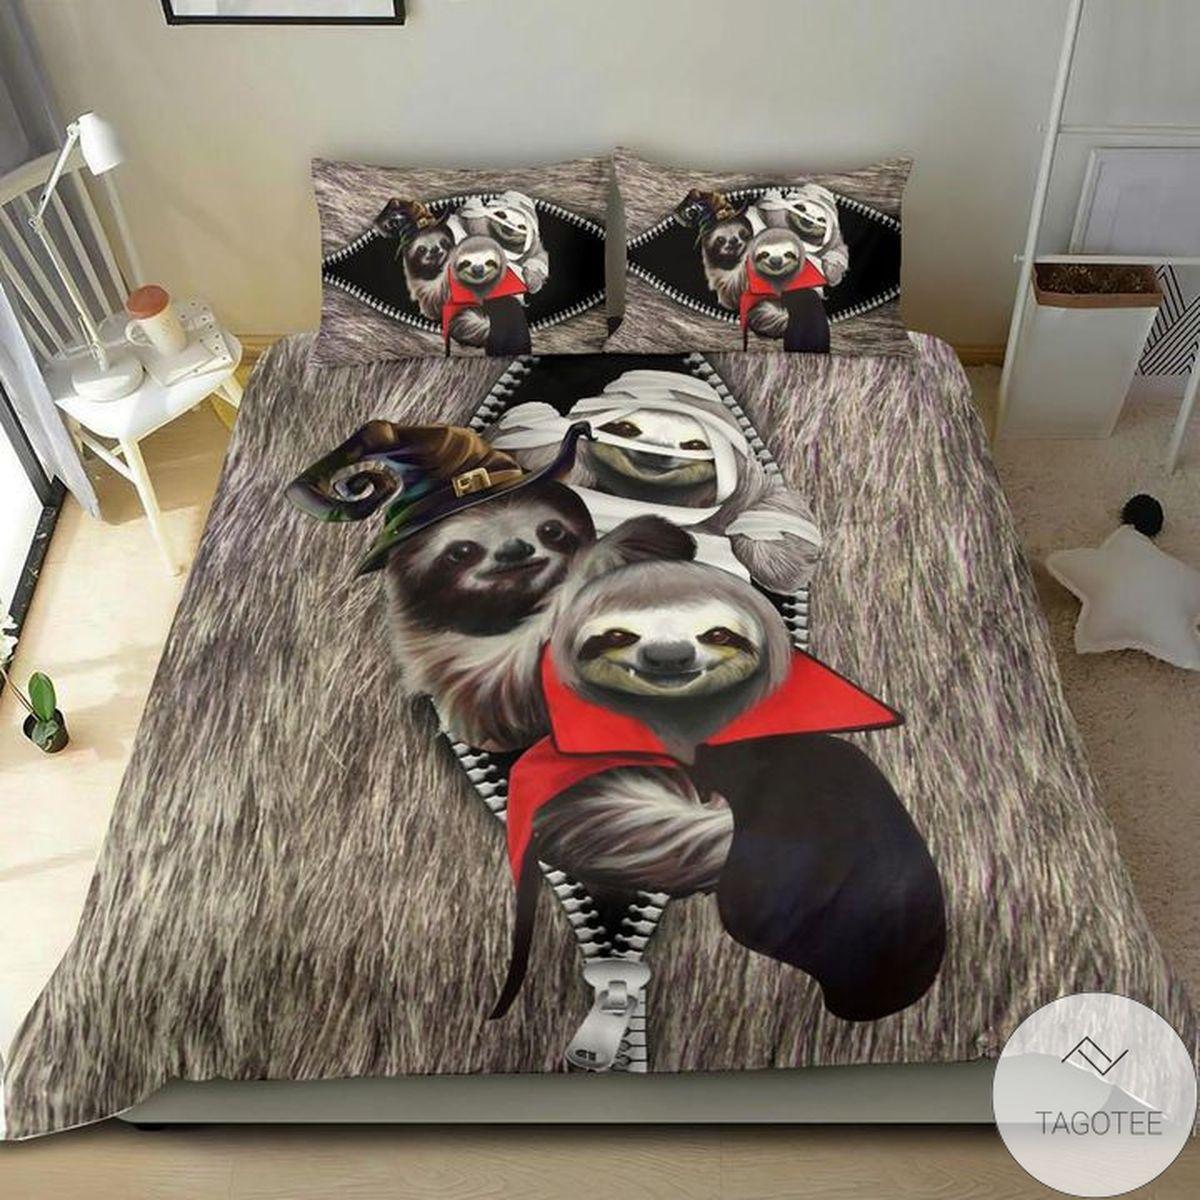 Amazing Sloth Costume Halloween Bedding Set